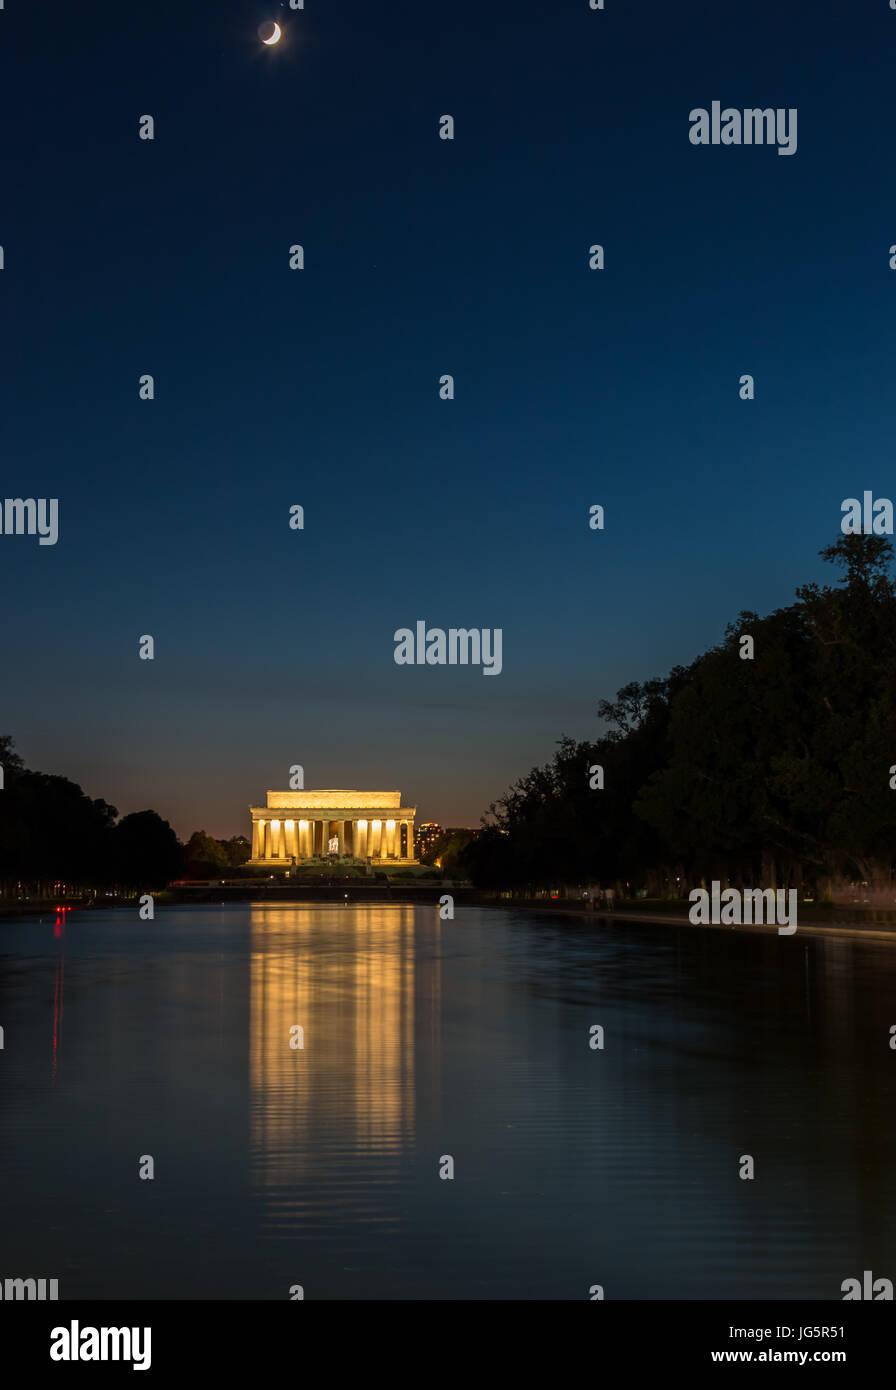 Lincoln Memorial, reflexionando sobre la piscina con la Luna alta en el cielo Imagen De Stock